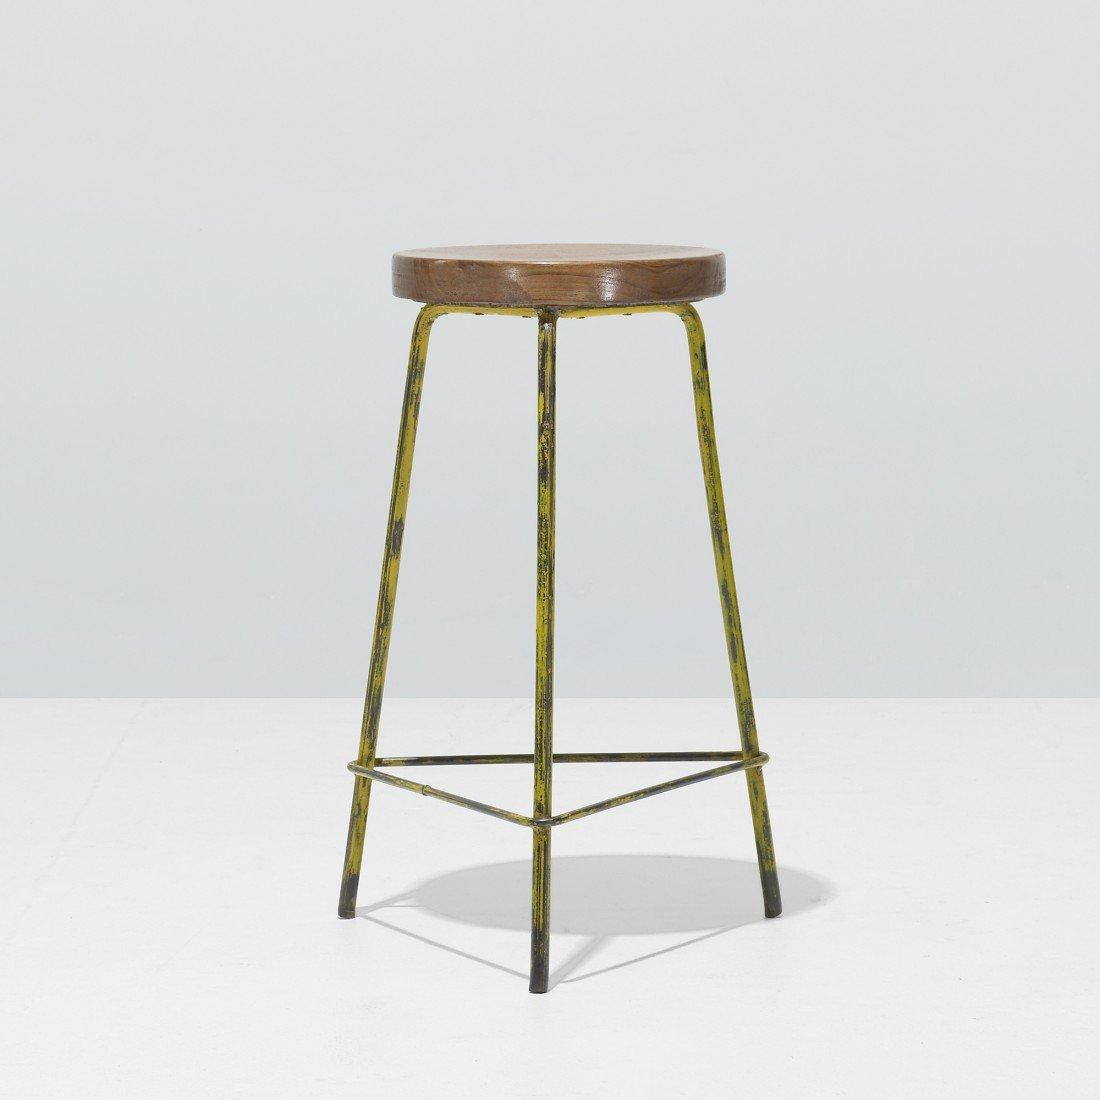 126: Pierre Jeanneret stool